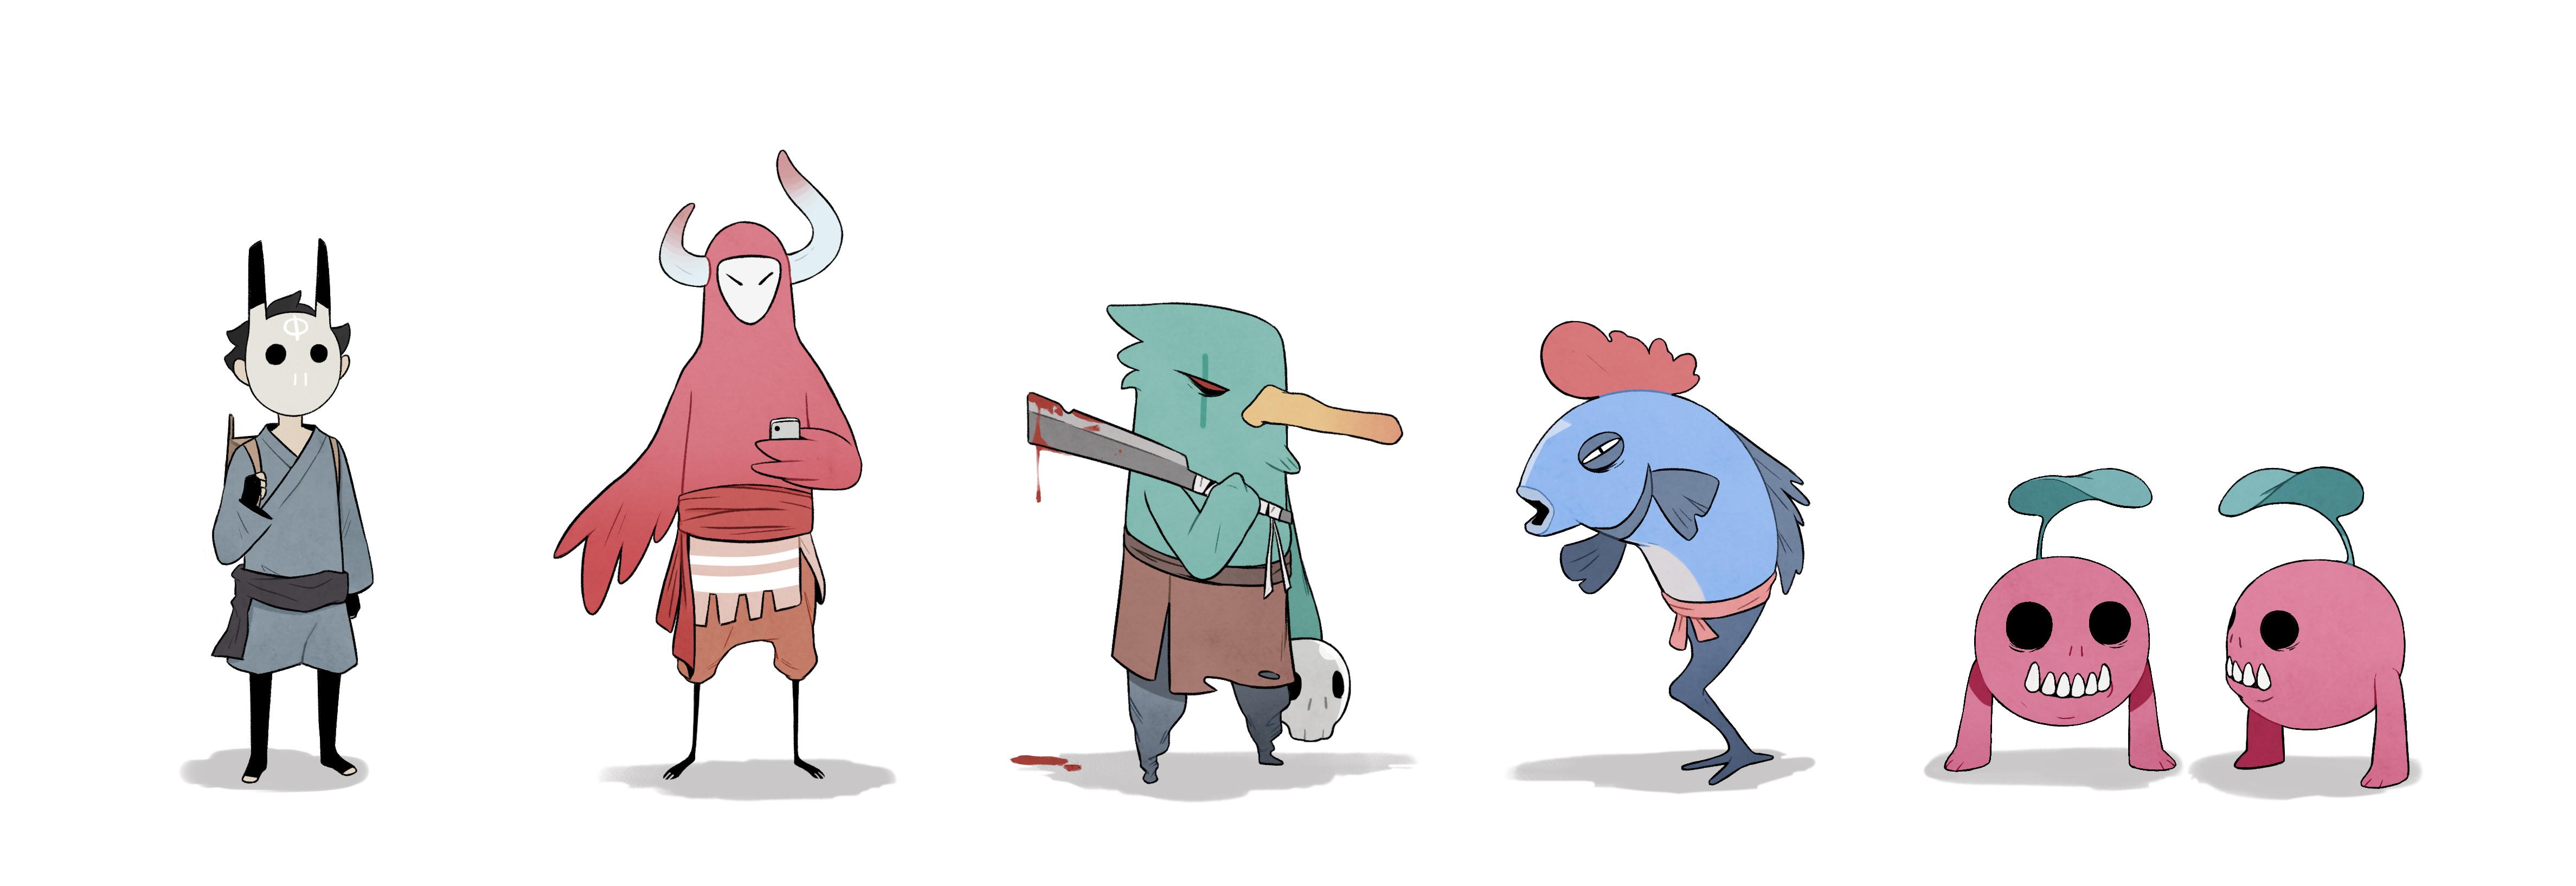 monster design_color